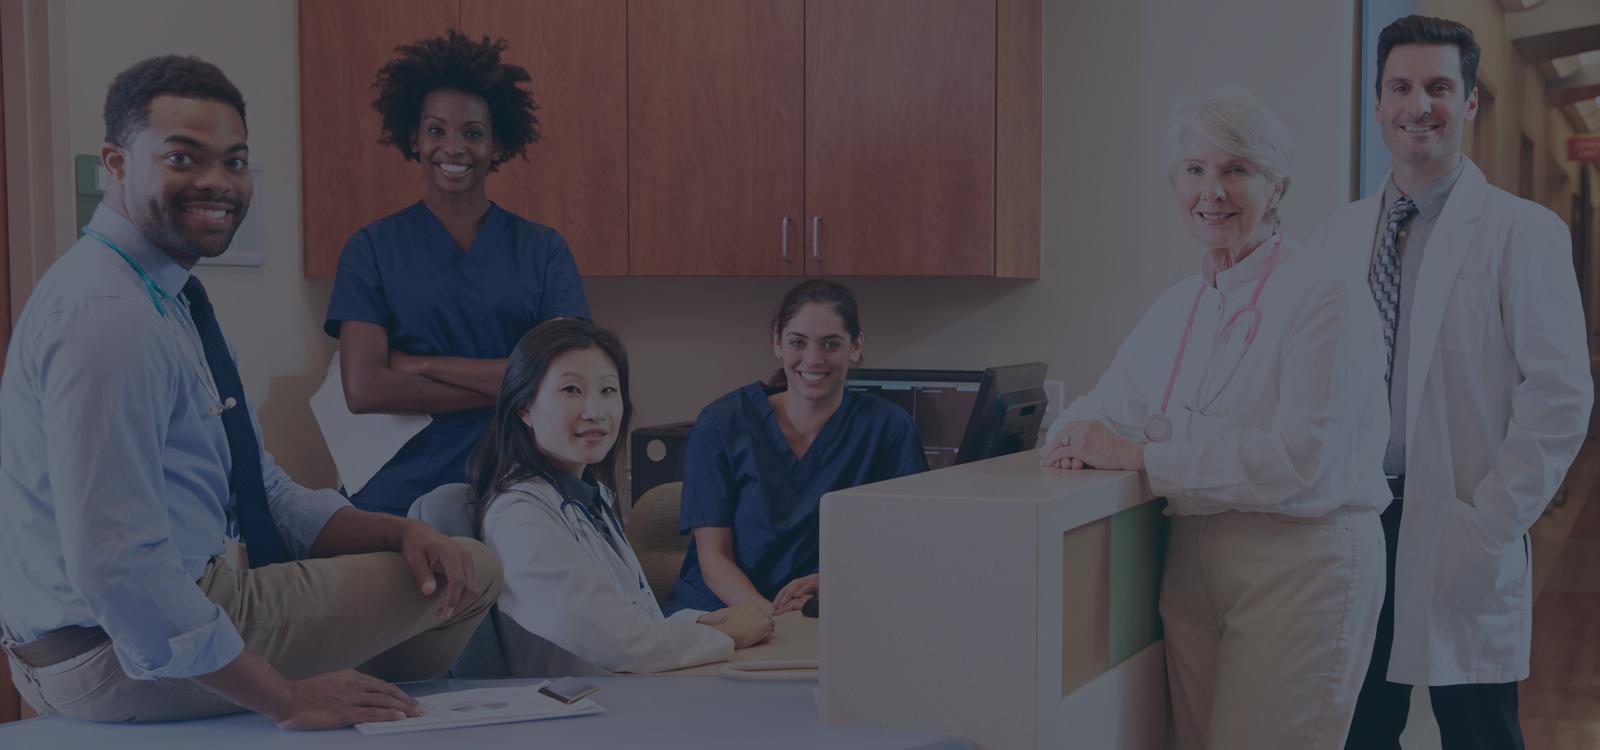 CAHN – Capital Area Health Network